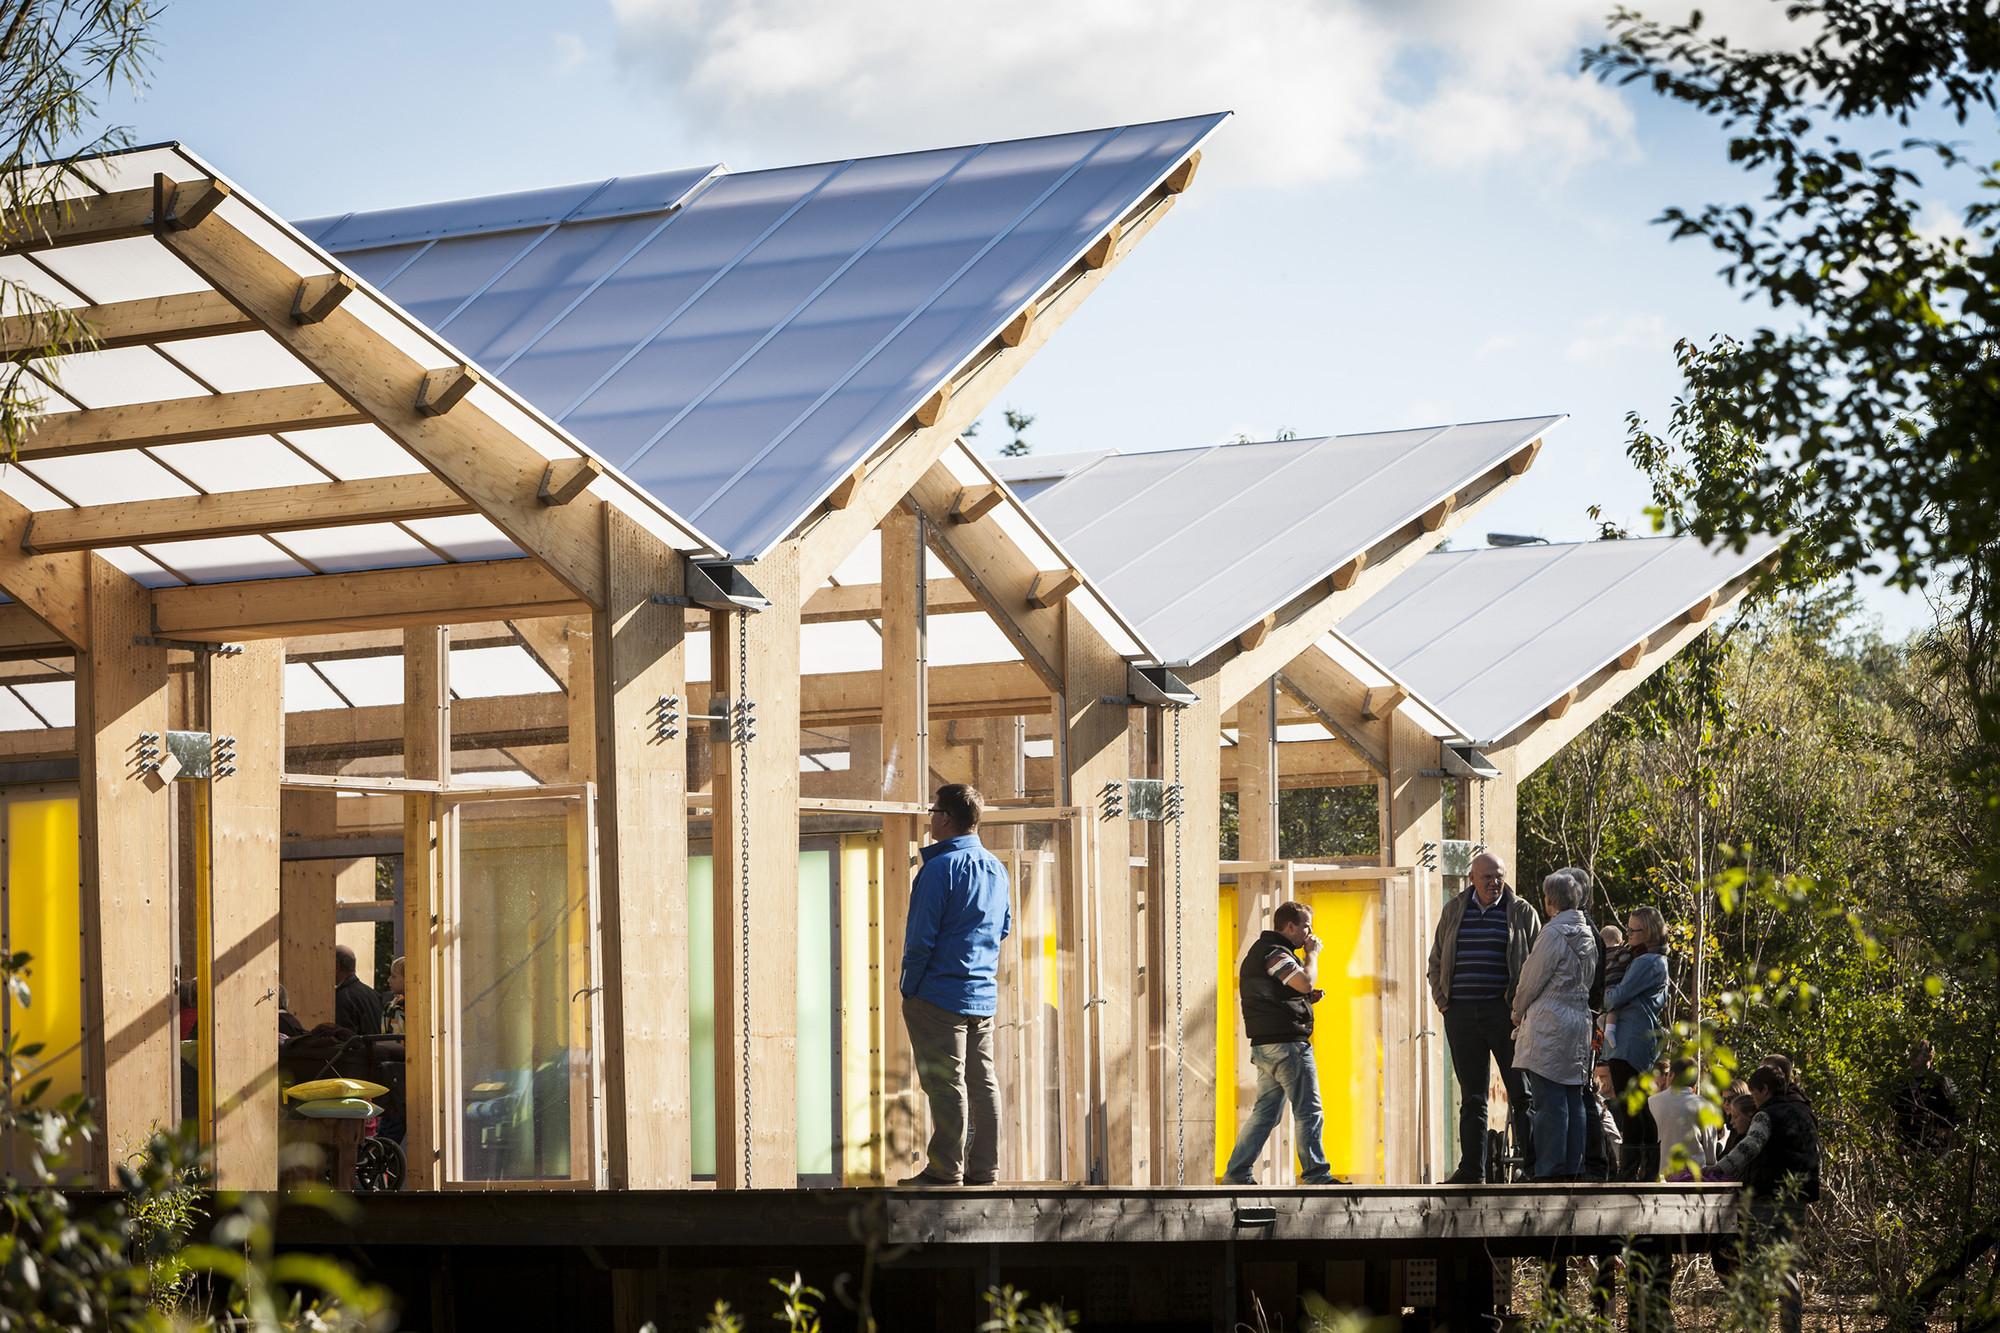 Fjelstervang Udeforsamlingshus  / Spektrum Arkitekter, Courtesy of Spektrum Arkitekter